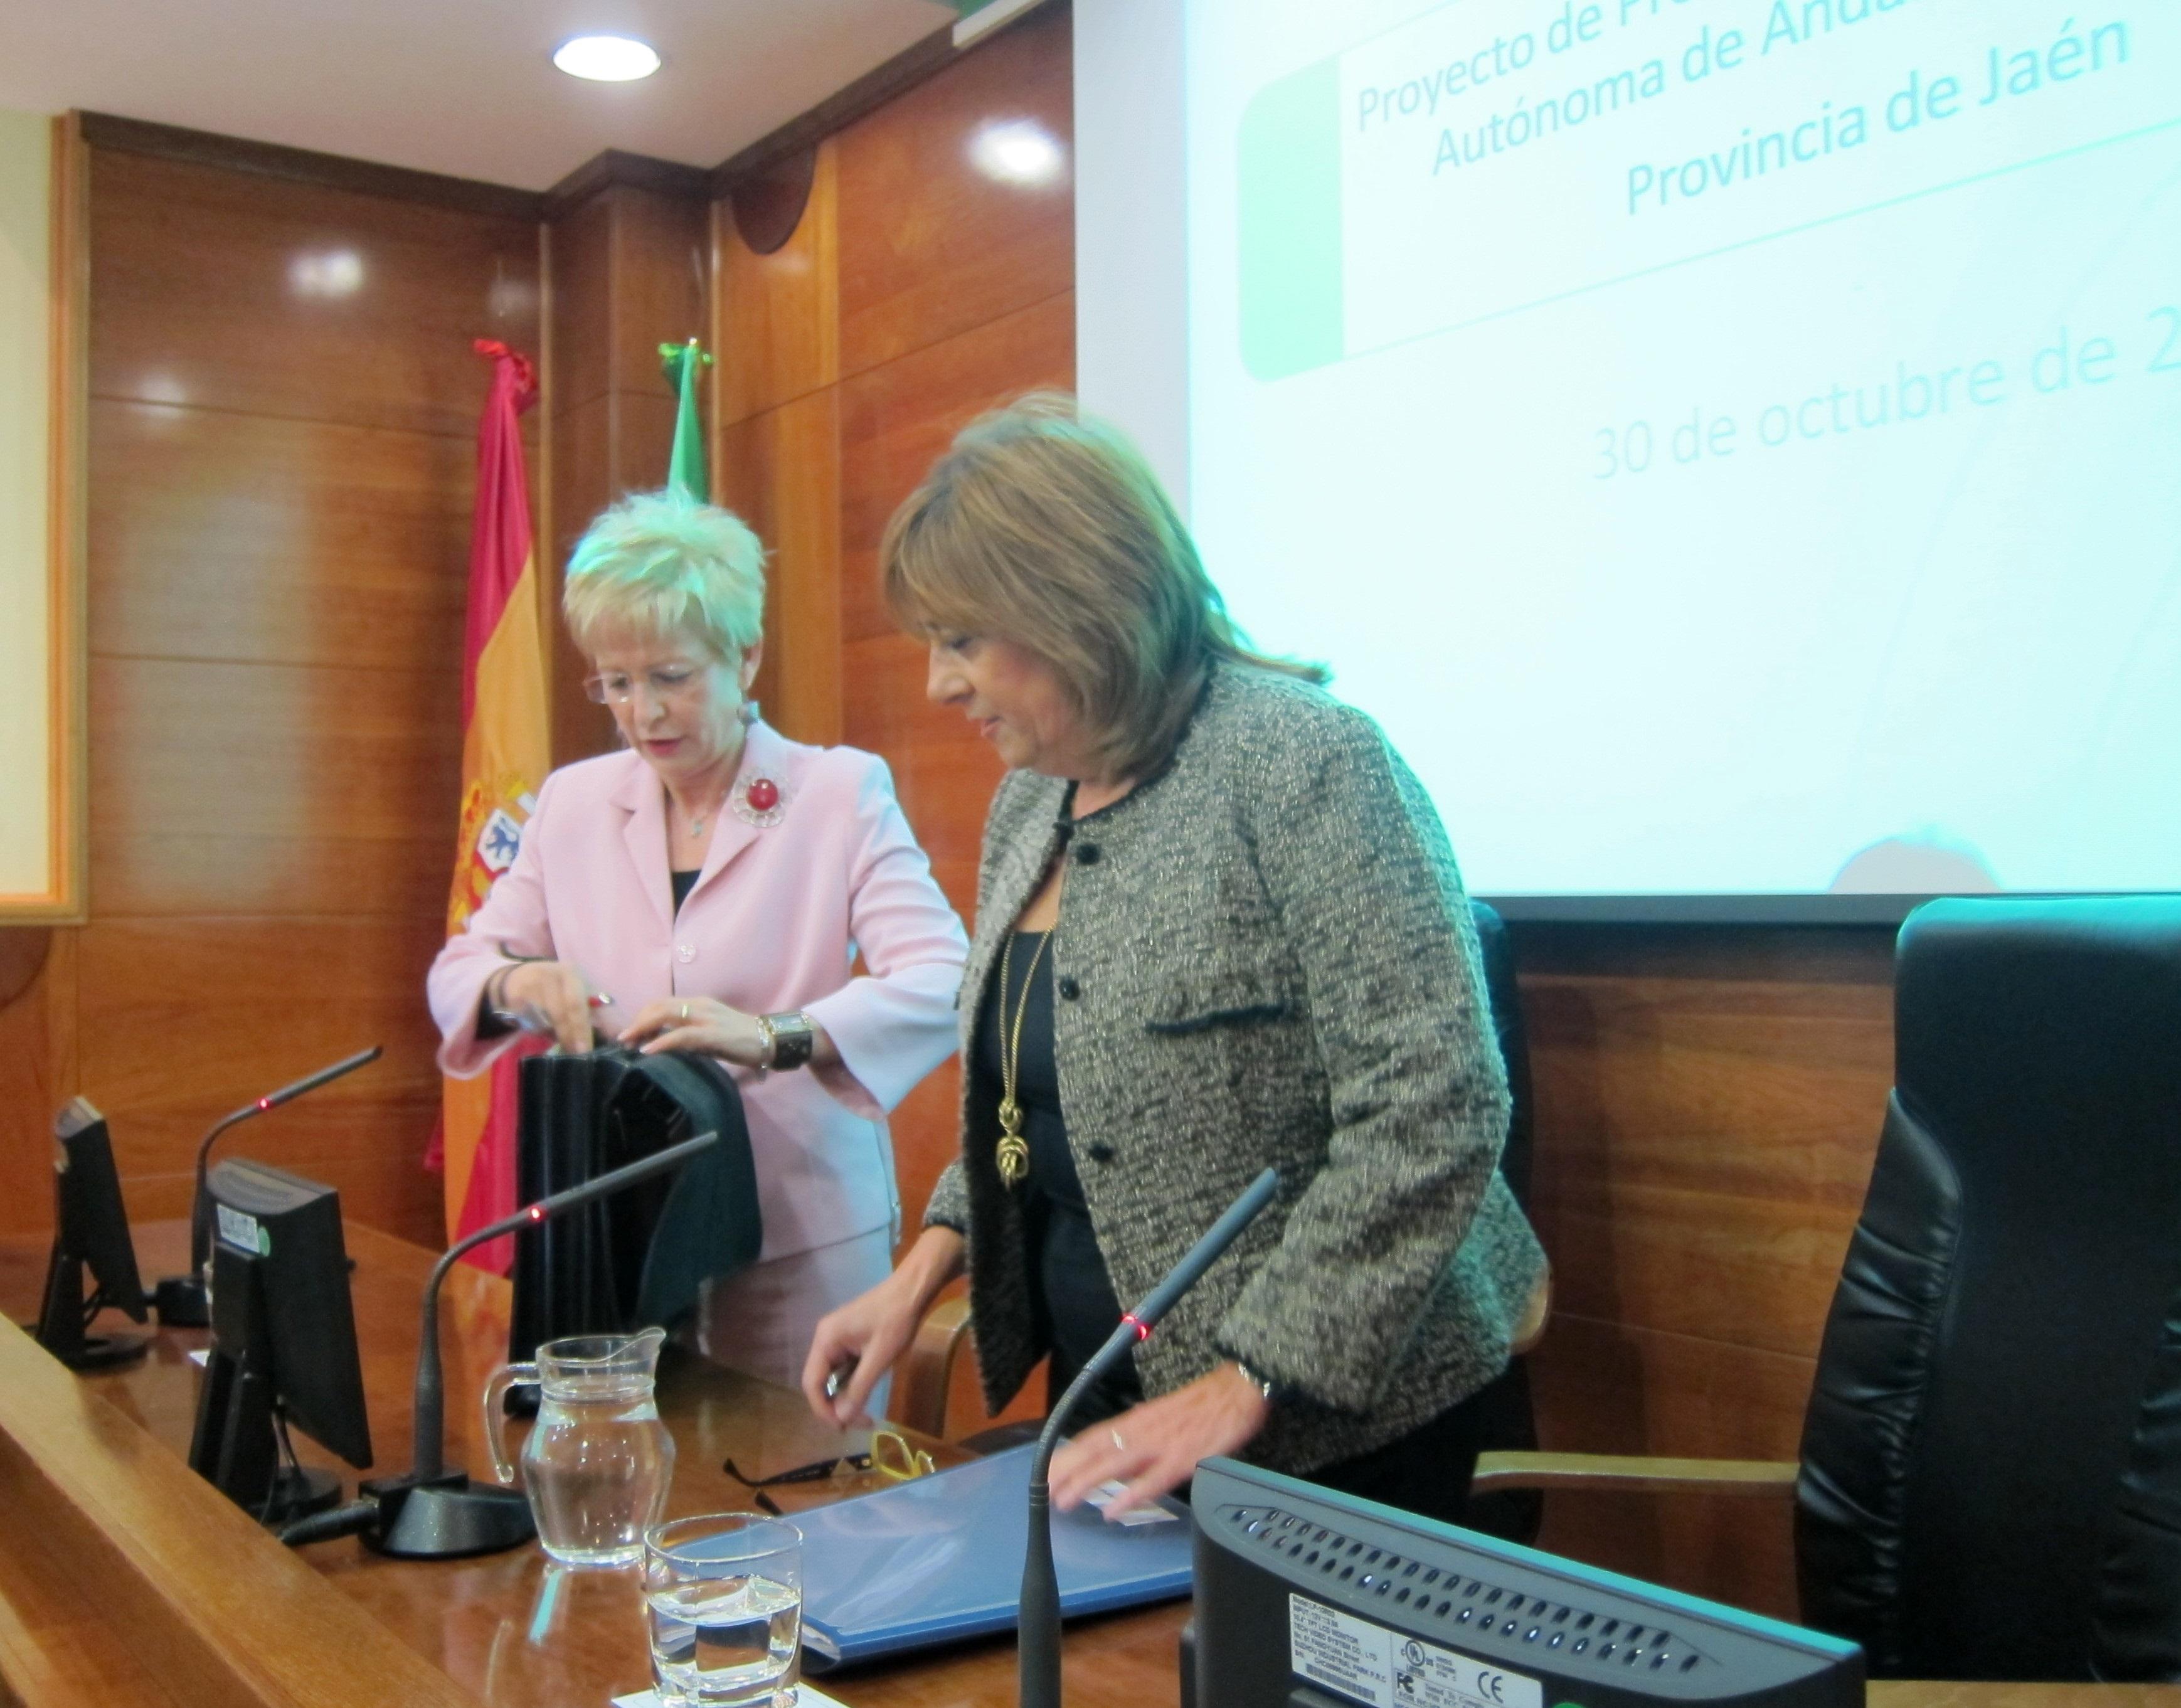 Los presupuestos de la Junta prevén 4,5 millones para el Museo Ibero y 14,7 para actuaciones de empleo